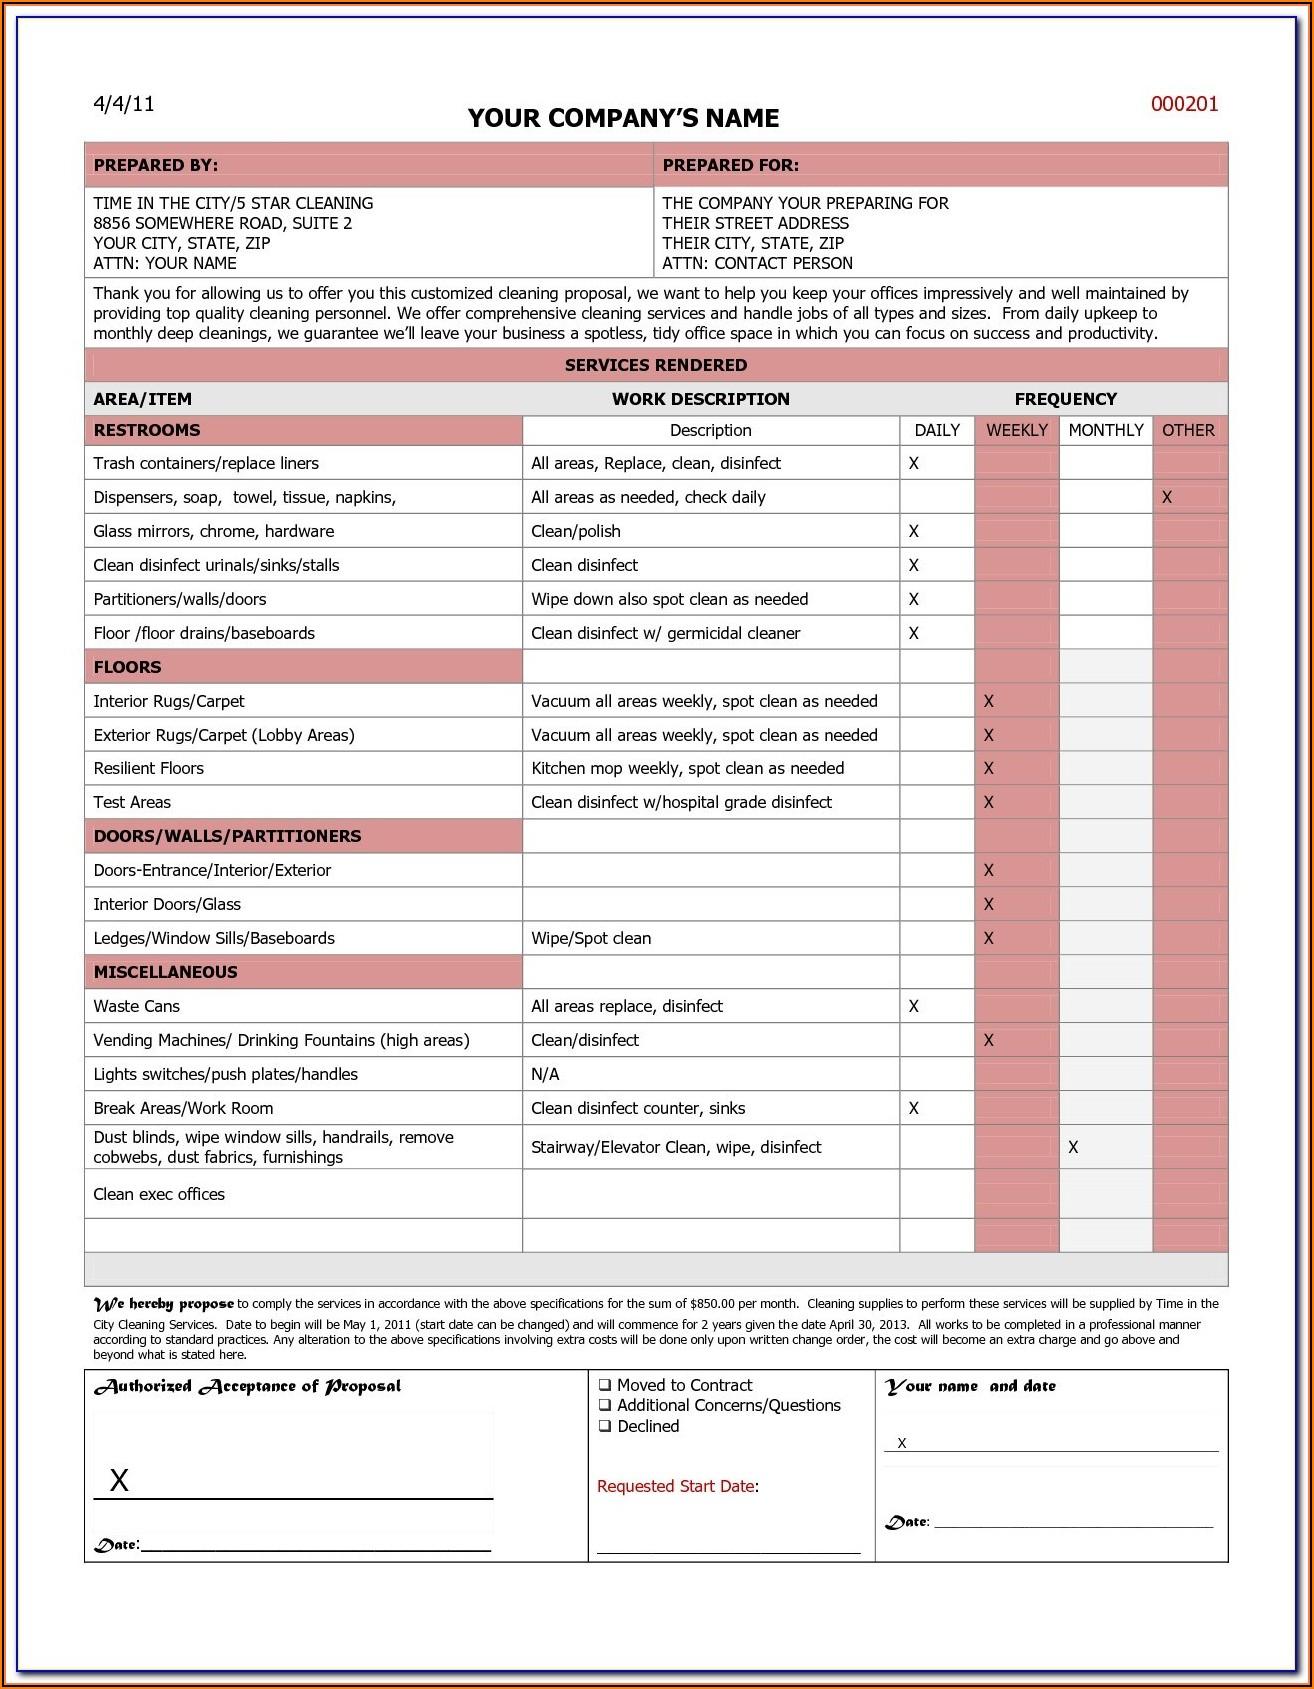 Bid Proposal Form Pdf